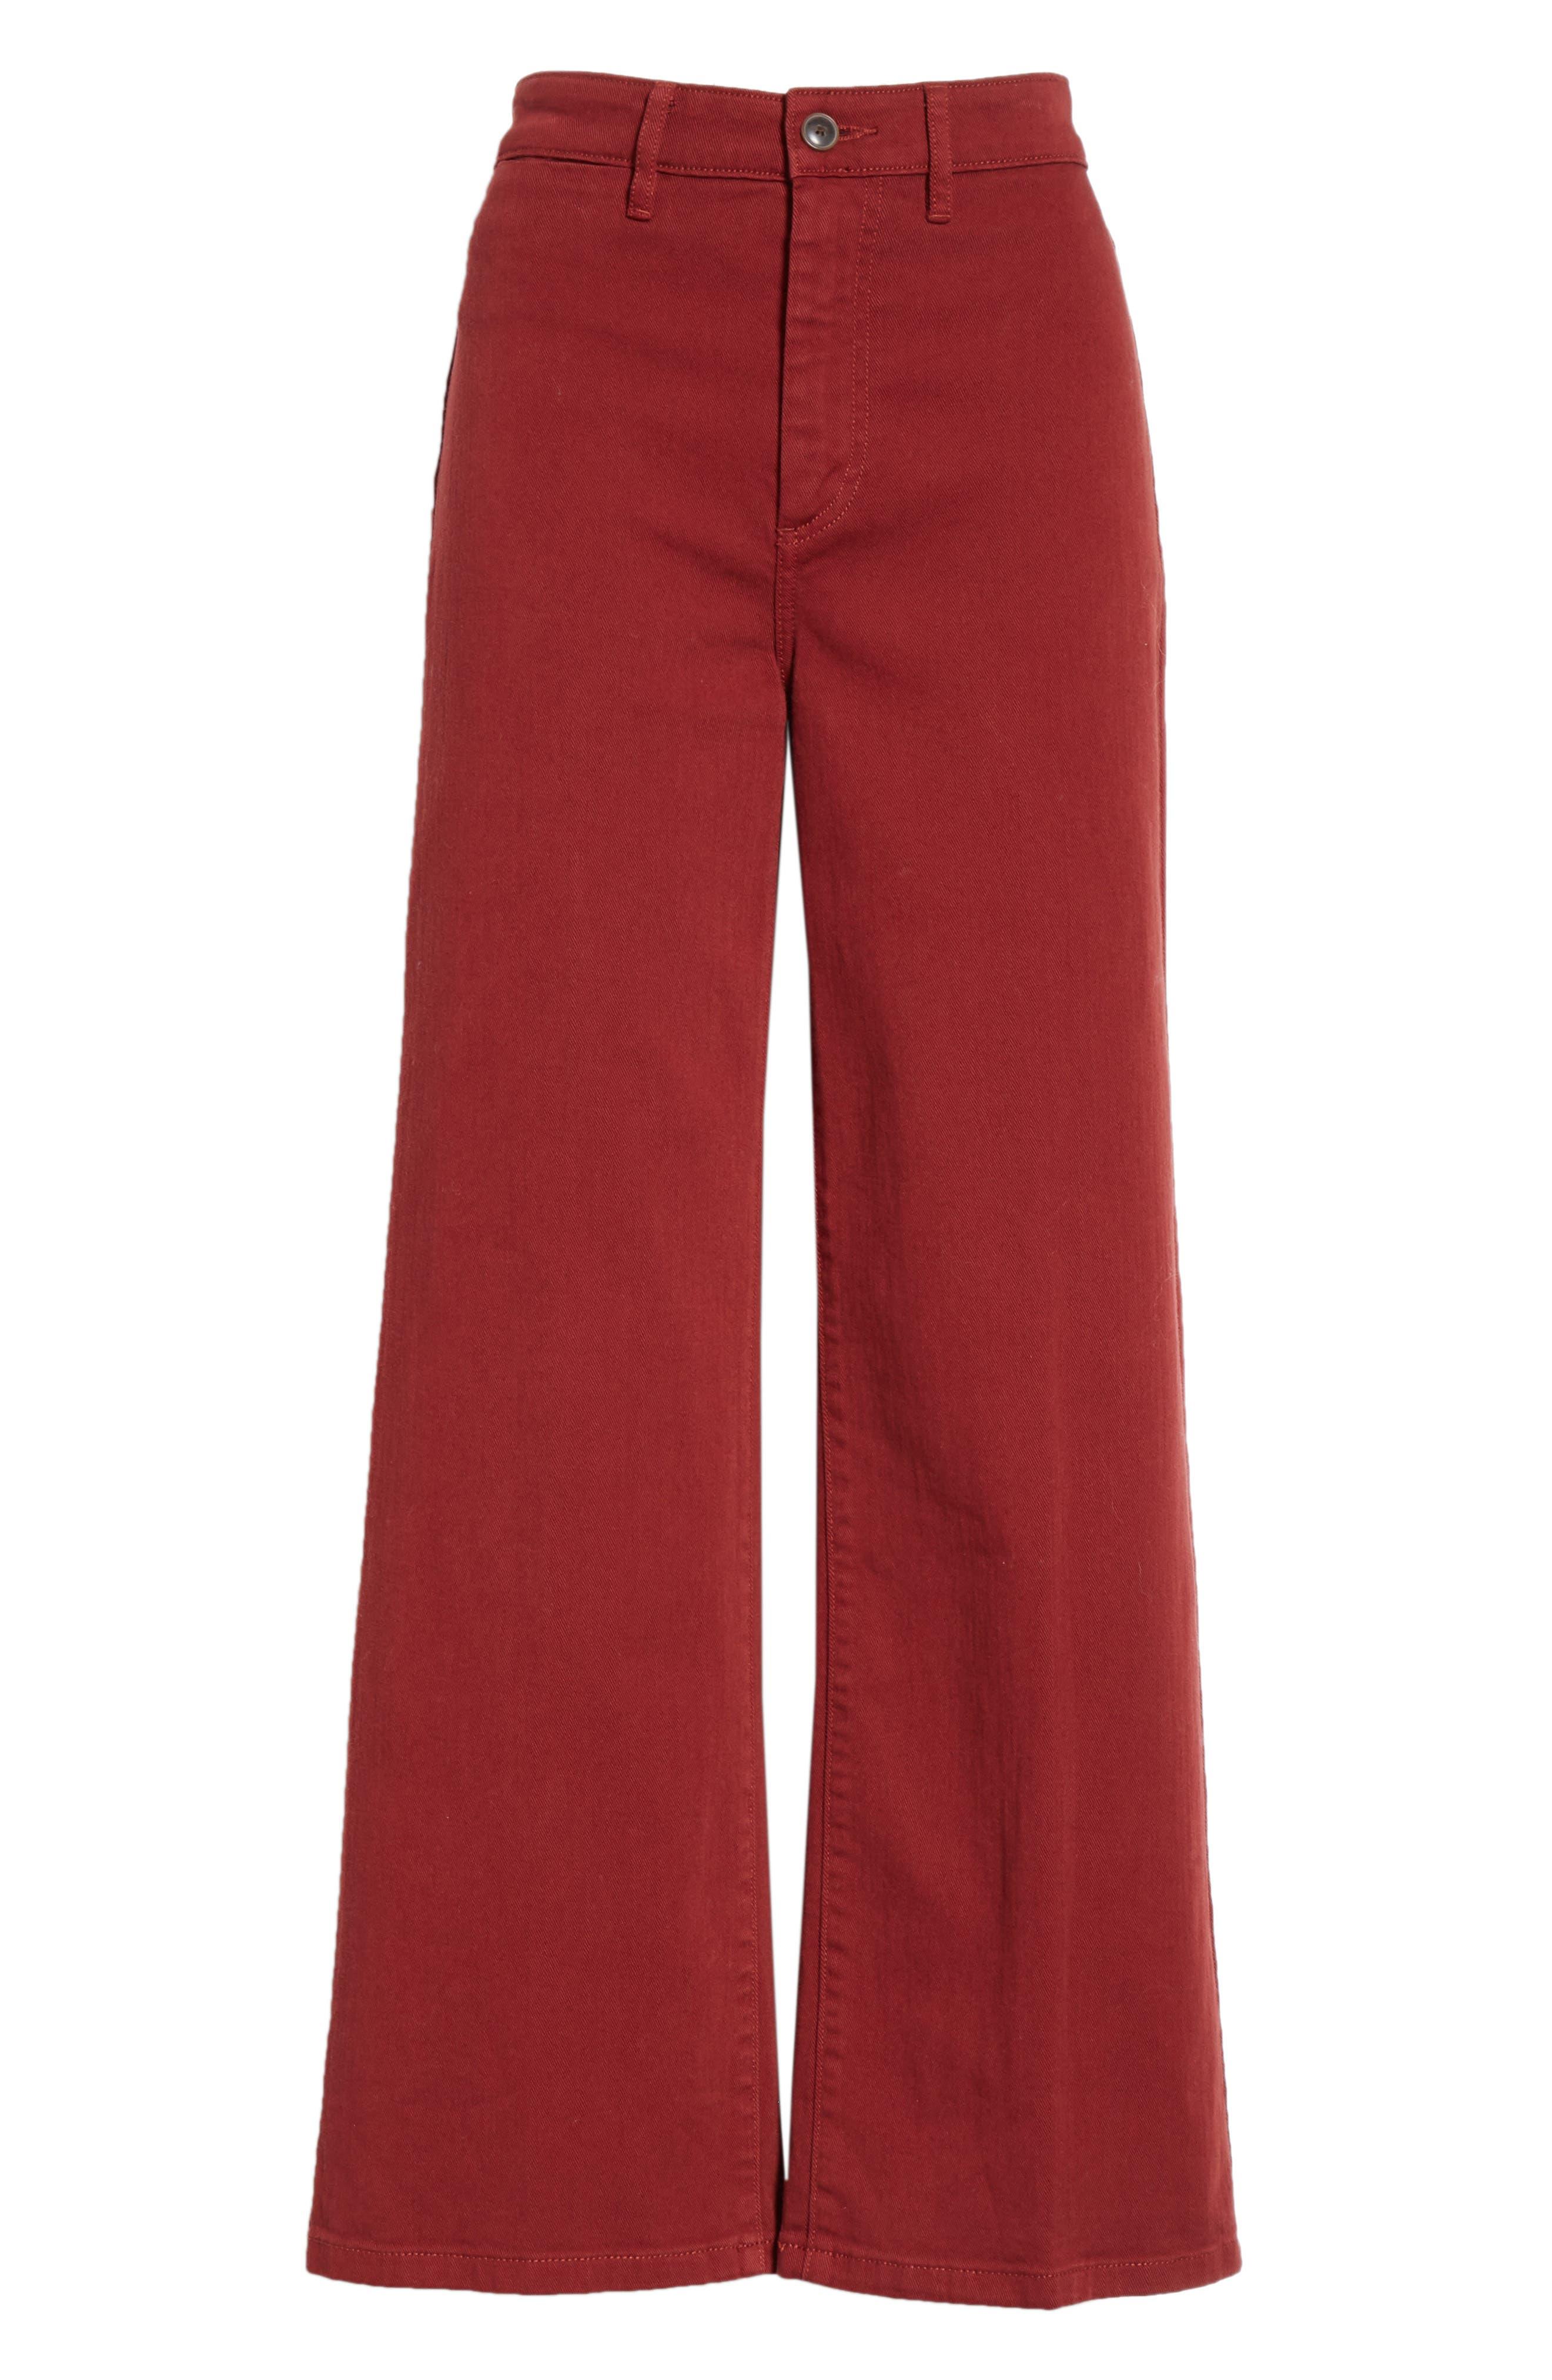 Colored Denim Crop Pants,                             Alternate thumbnail 6, color,                             631